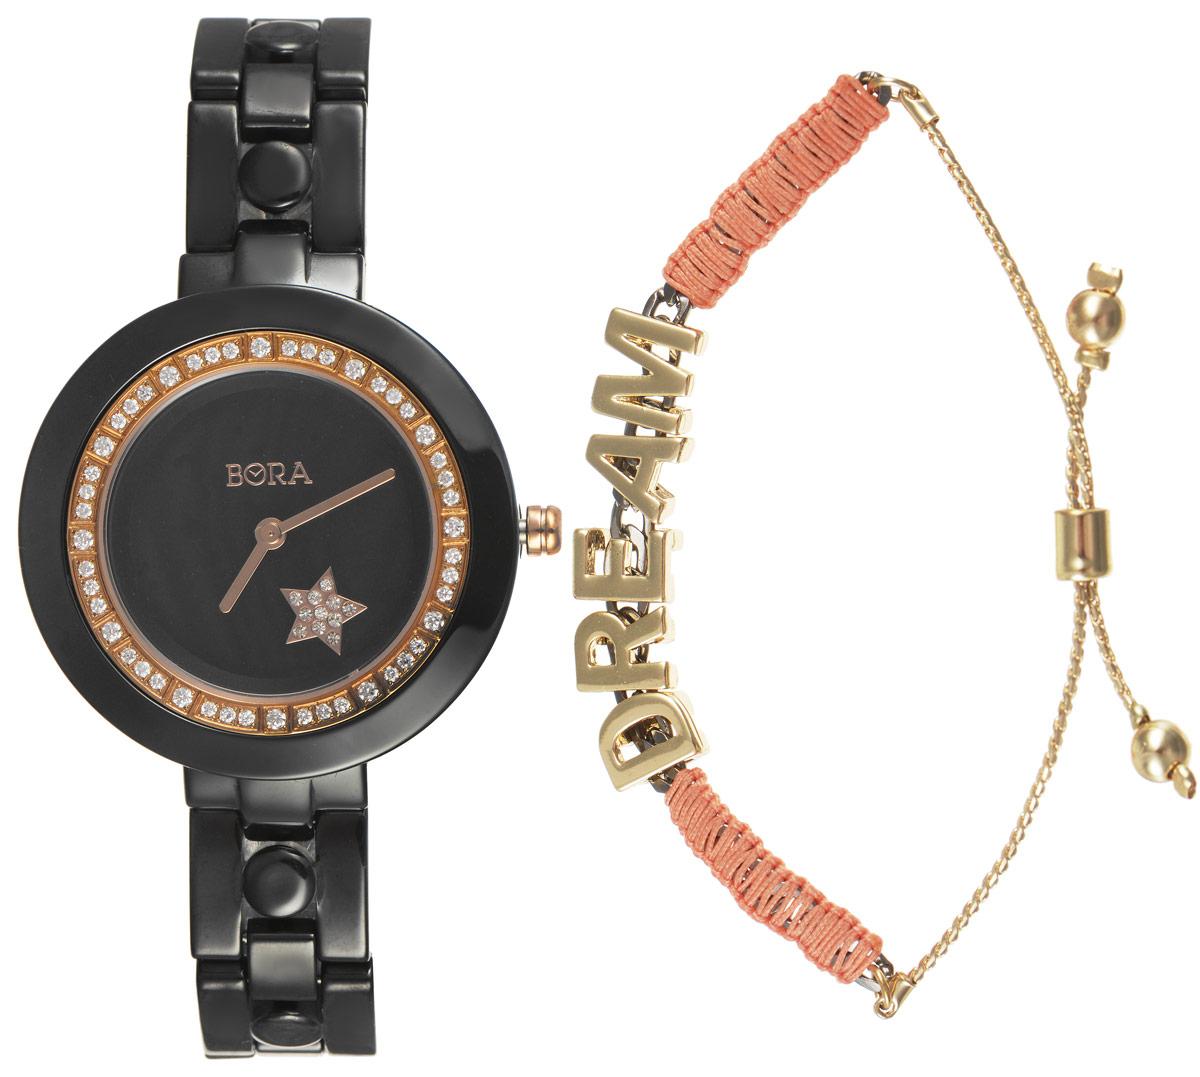 Часы наручные Bora, с браслетом, цвет: черный, коралловый. T-B-6761INT-06501Часы наручные электронно-механические кварцевые. Часы аксессуарные, с механической индикацией. Часовой механизм Seiko Instruments (SII), с питанием от сменного кварцевого элемента. Модель декорирована стразами. Браслет с надписью выполнен из гипоаллергенного сплава на основе латуни, не содержащего свинец и никель. Модель дополнена вставкой из текстиля, регулируется по длине.